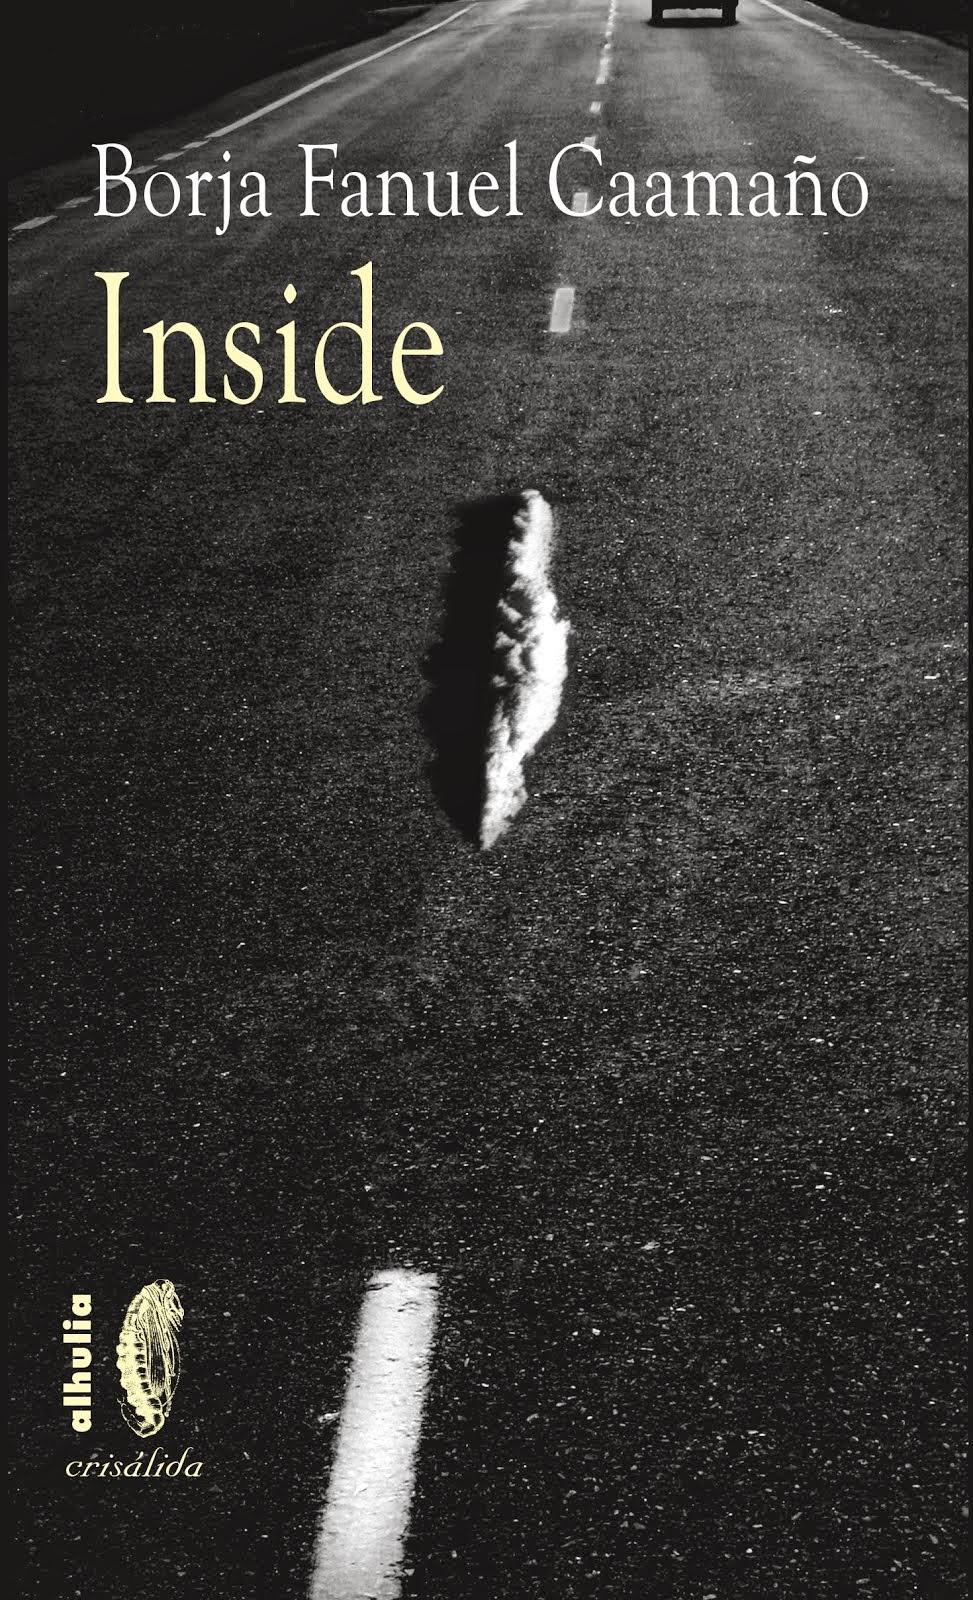 Inside (Ed. Alhulia, 2007)